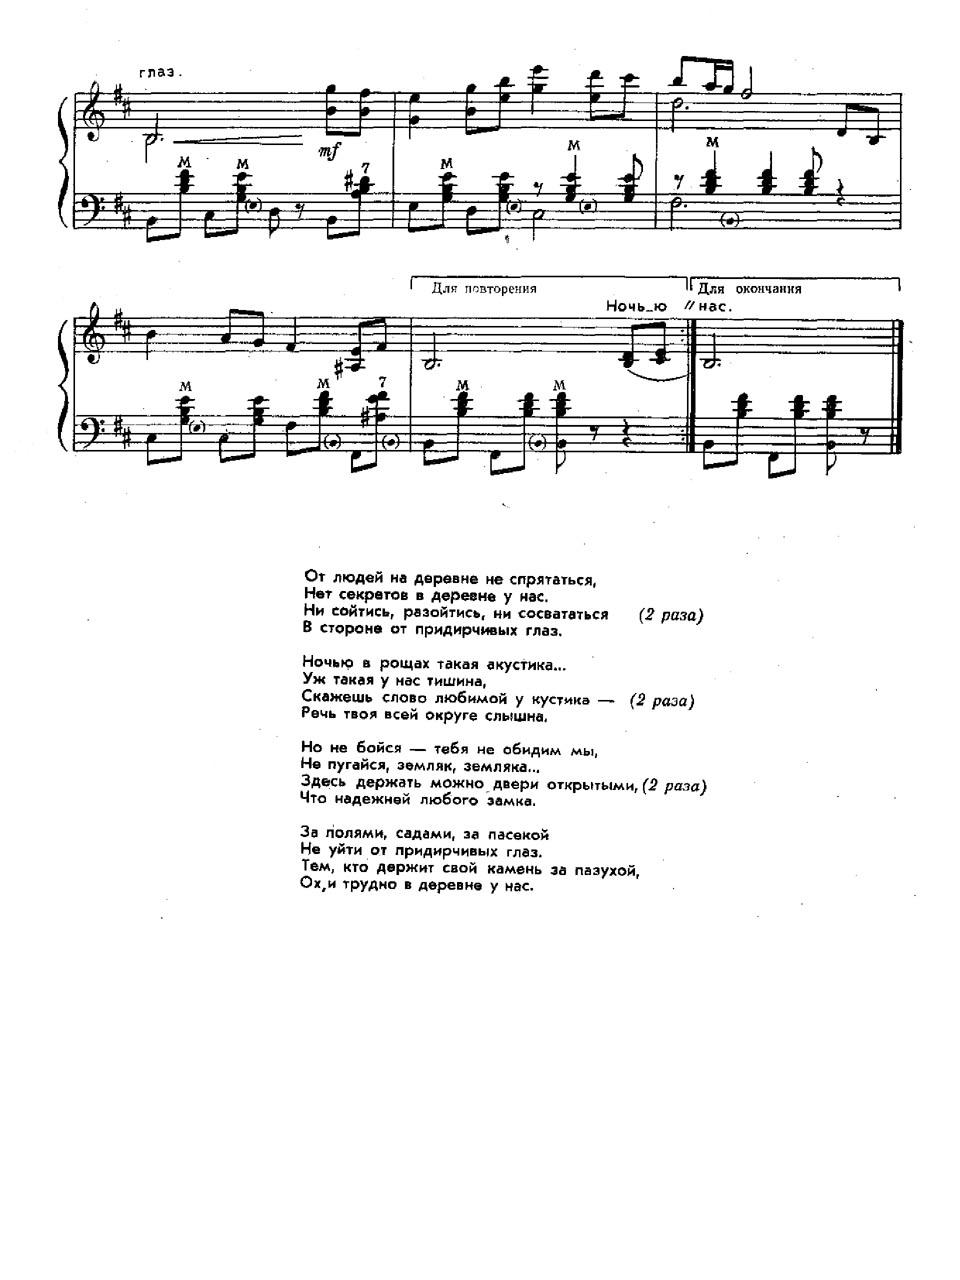 О. Фельцман, В. Войнович. Песня «От людей на деревне не спрятаться». Ноты для голоса в сопровождении фортепиано (баяна)